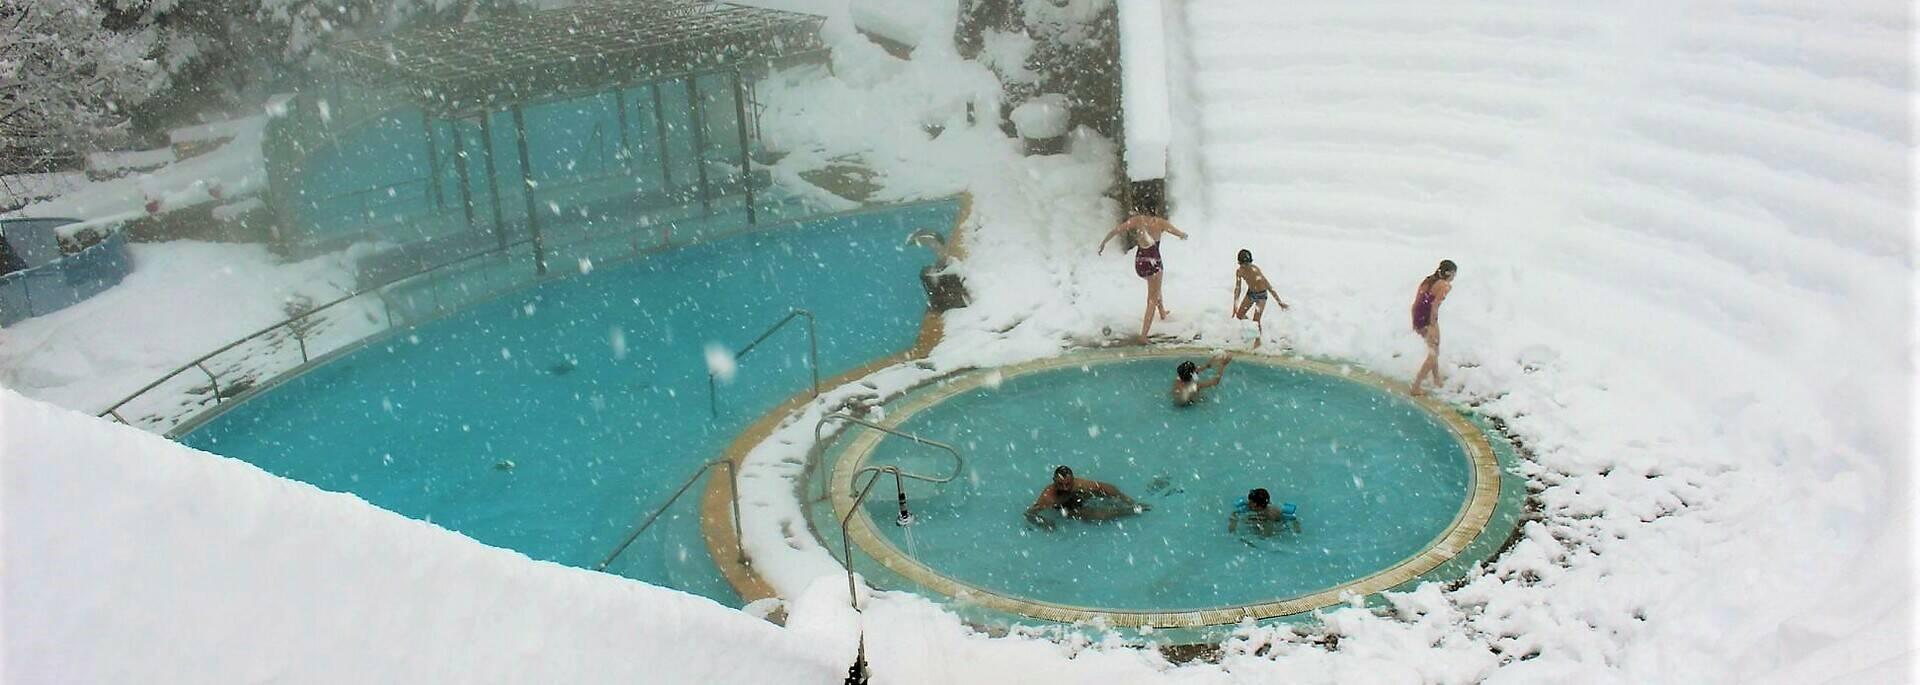 Bains de Saint Thomas version hiver